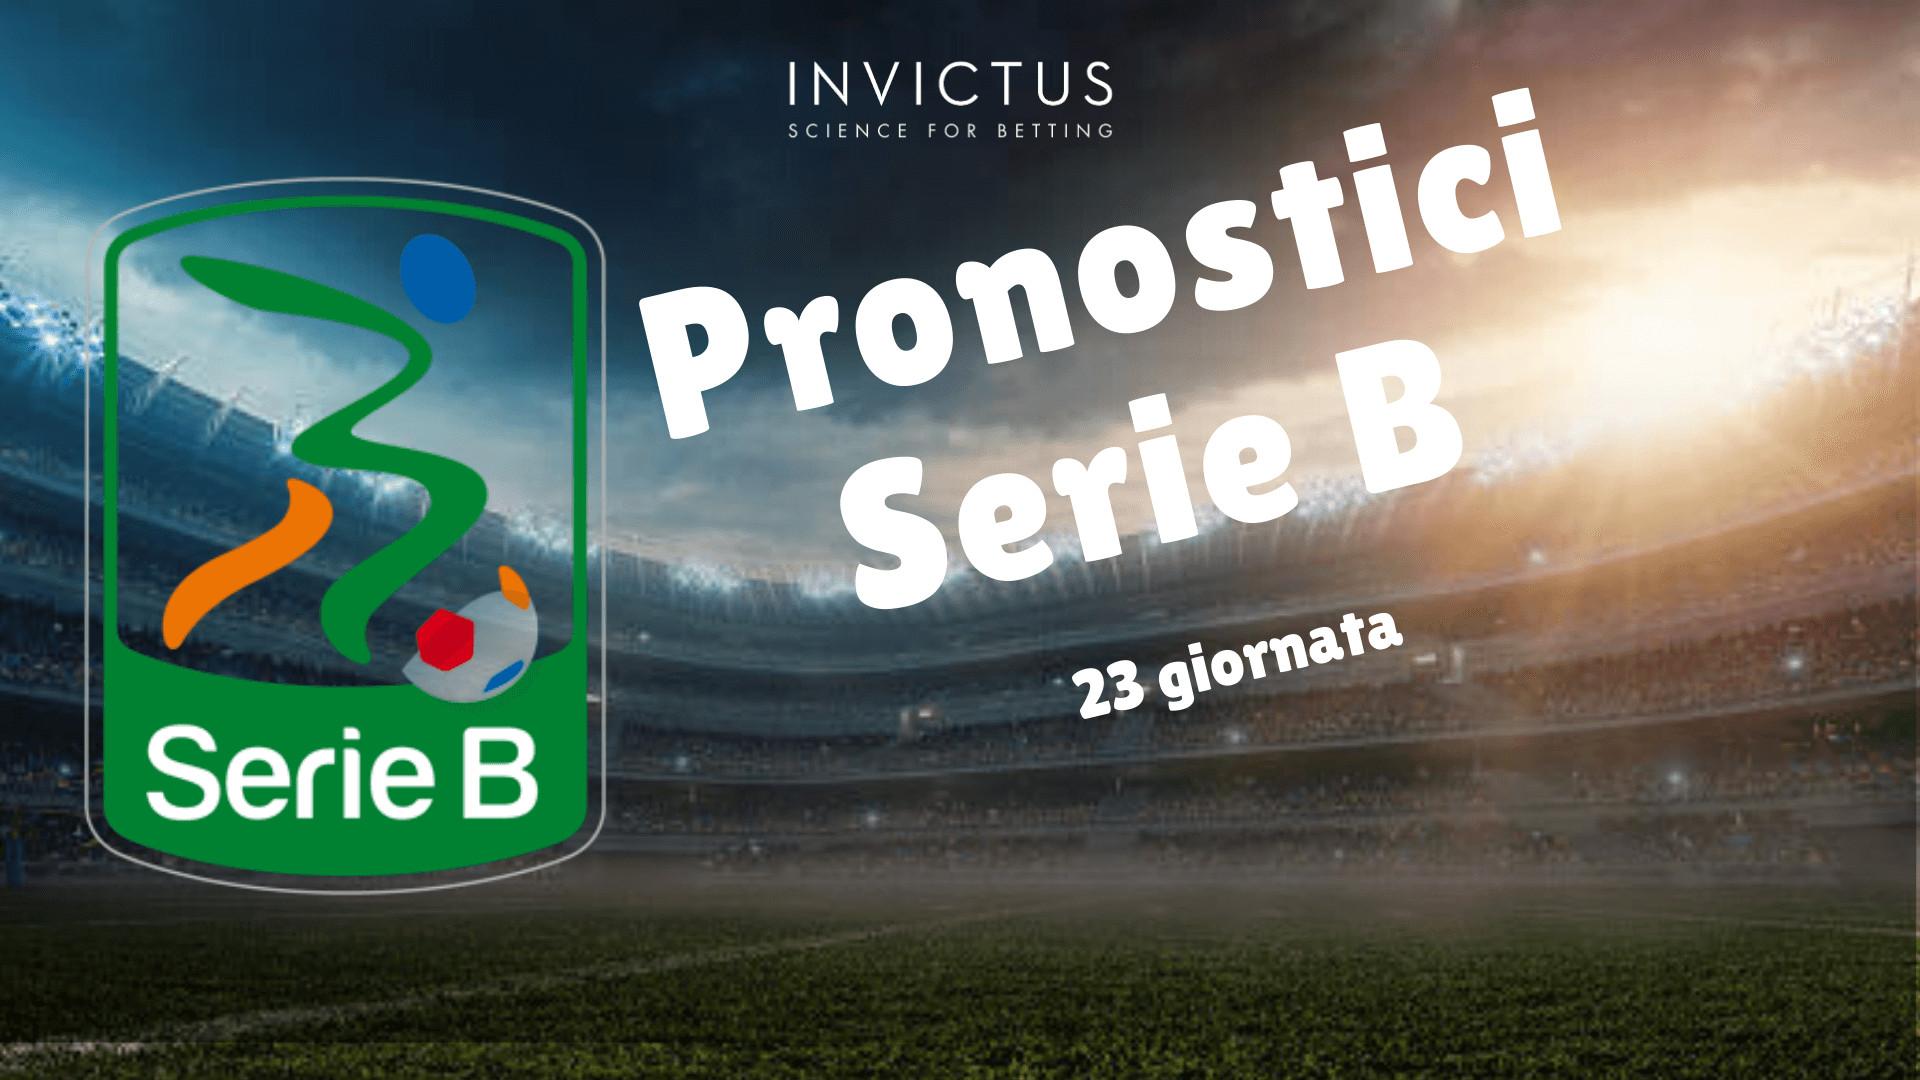 Pronostici Serie B Del 7 10 Febbraio Invictus Blog